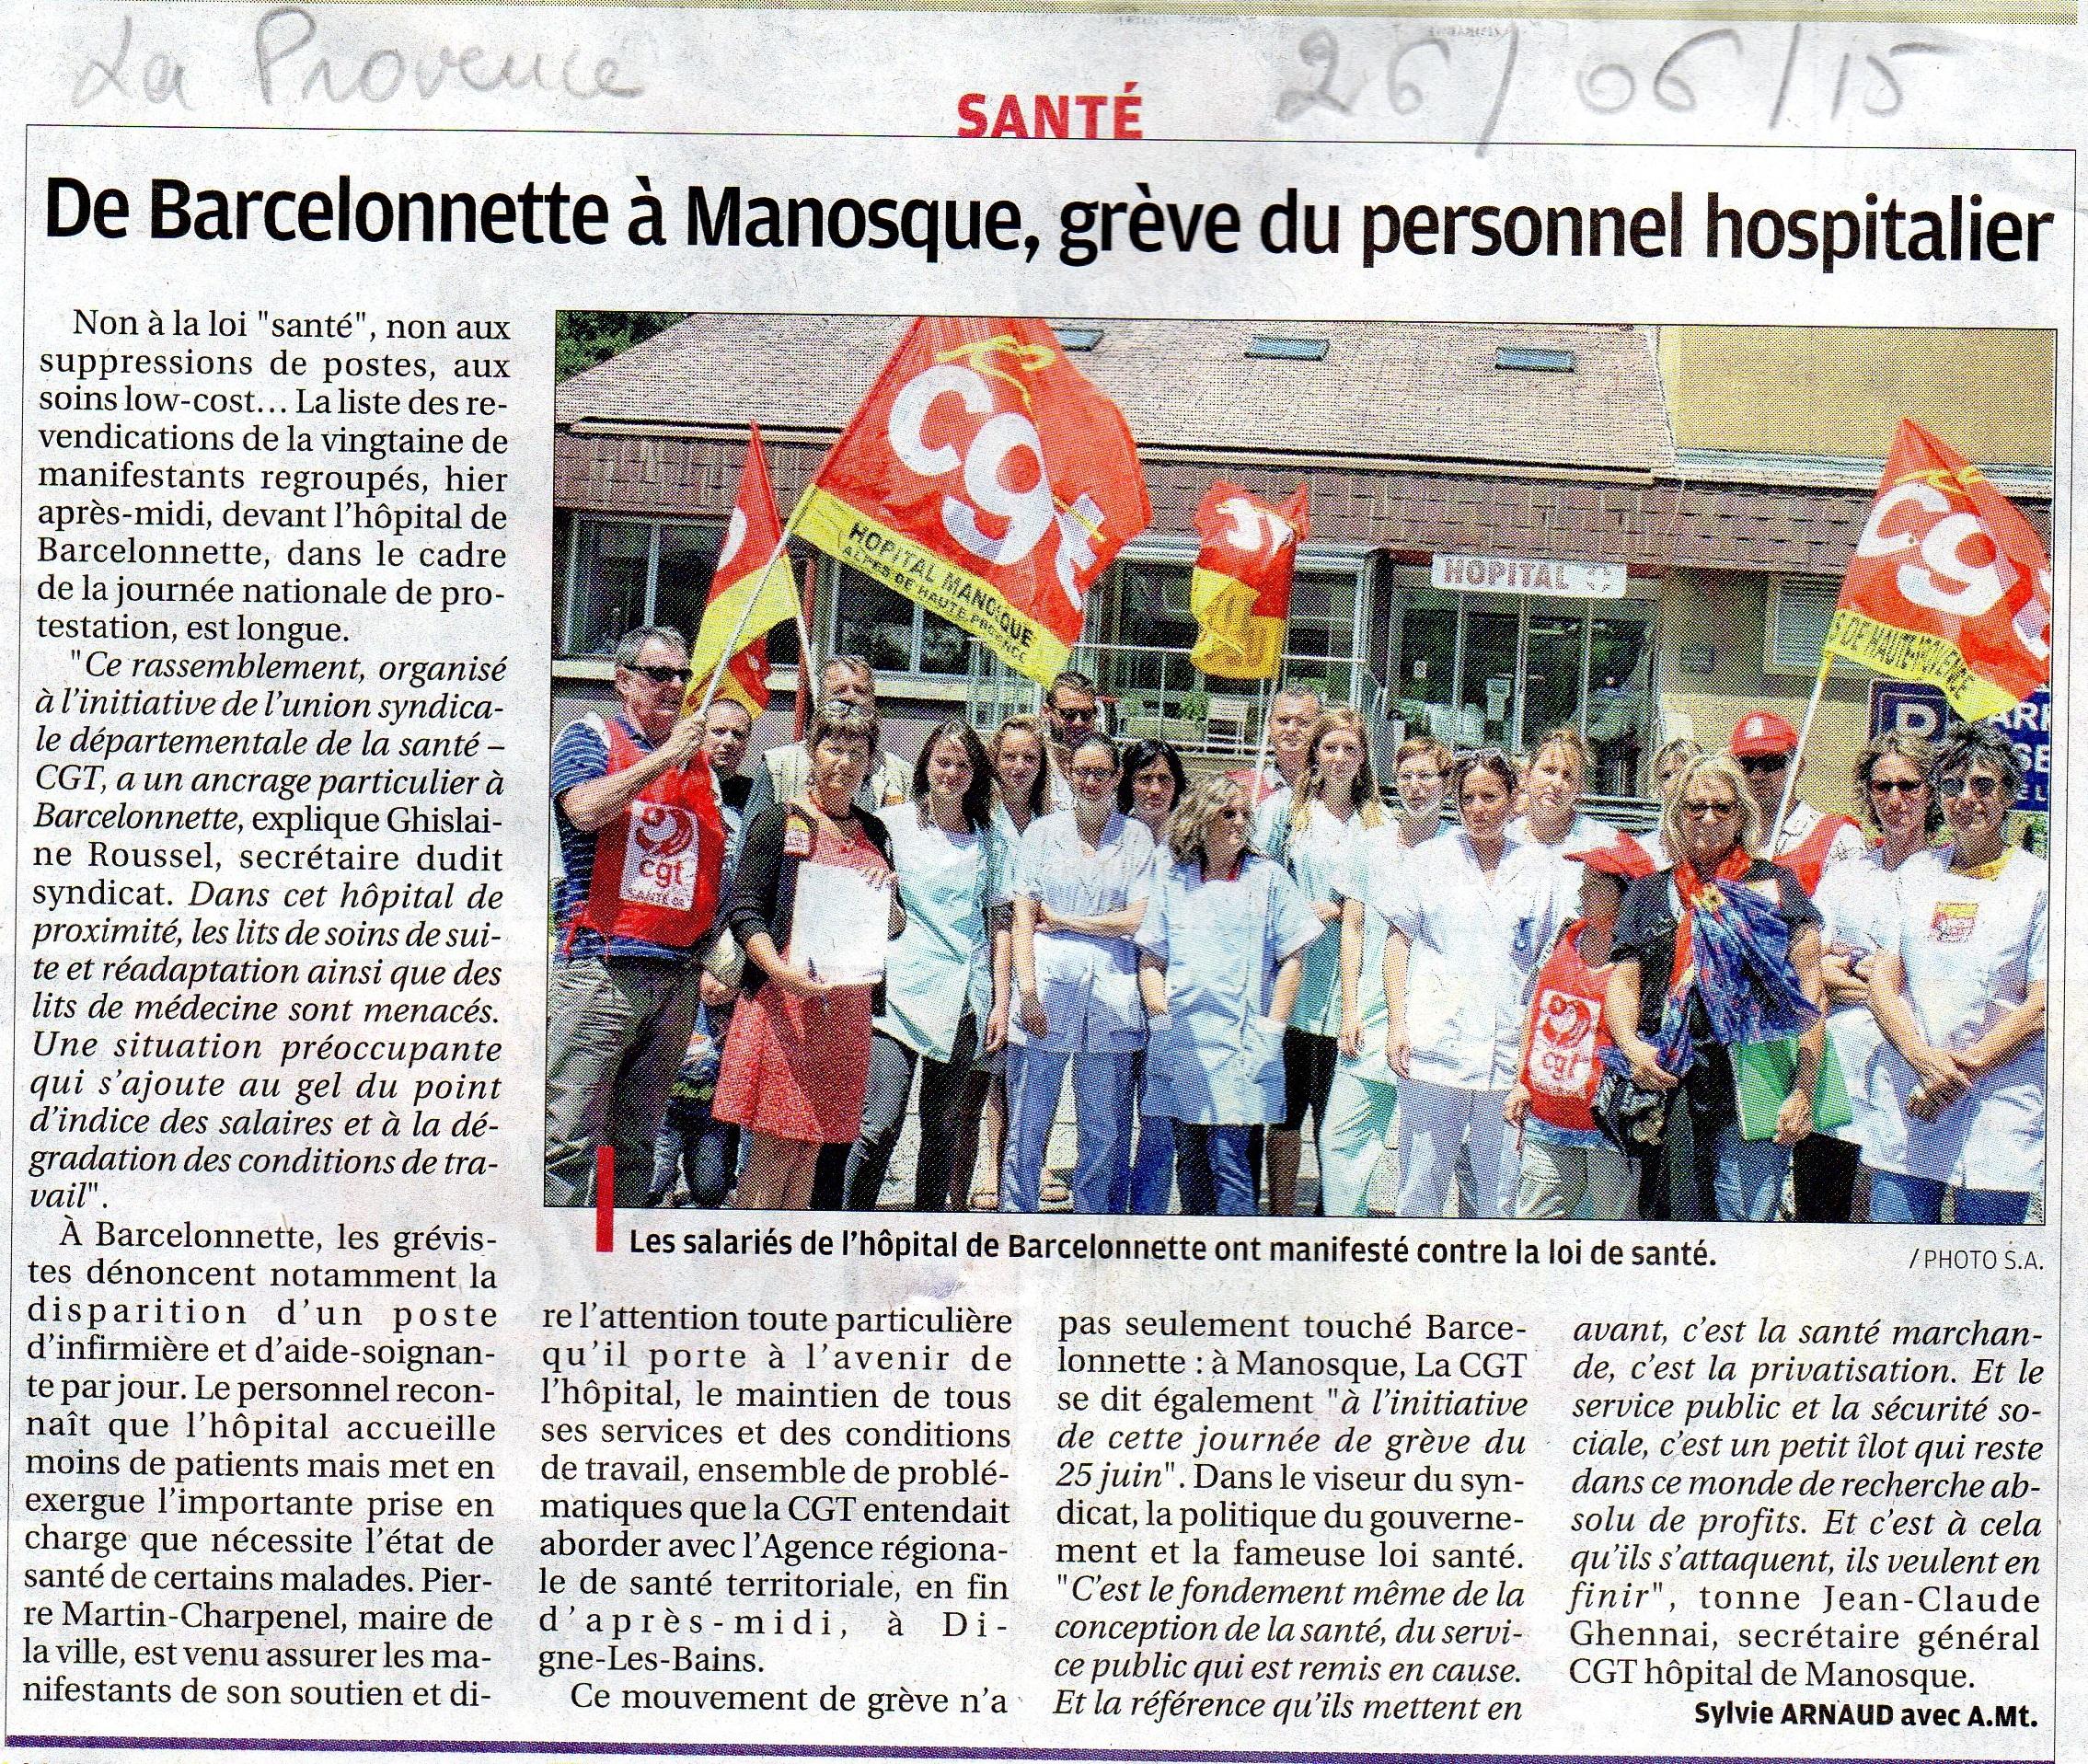 Article La Provence du 25 juin 2015